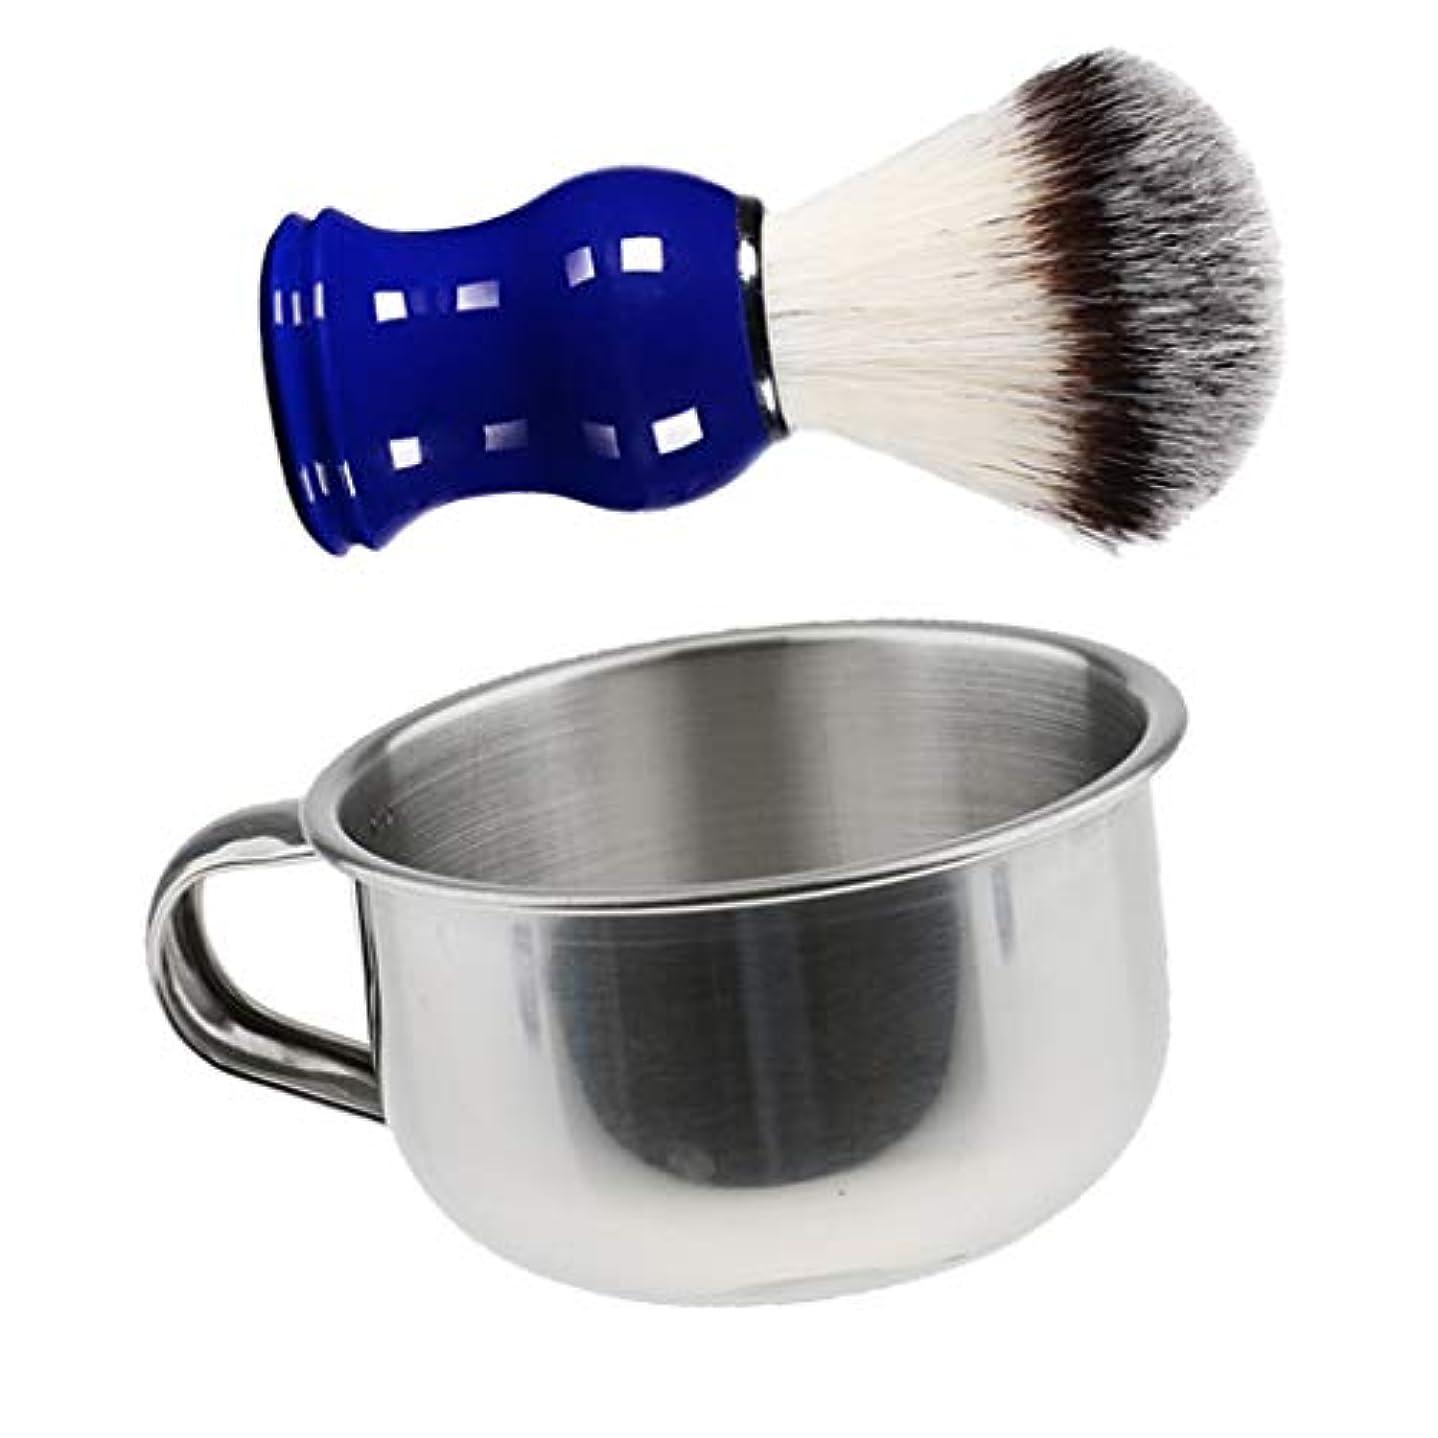 水平契約する残酷なsharprepublic メンズ シェービング マグ ボウル ステンレス製 シェービング用ブラシ 理容 洗顔 髭剃り 贈り物